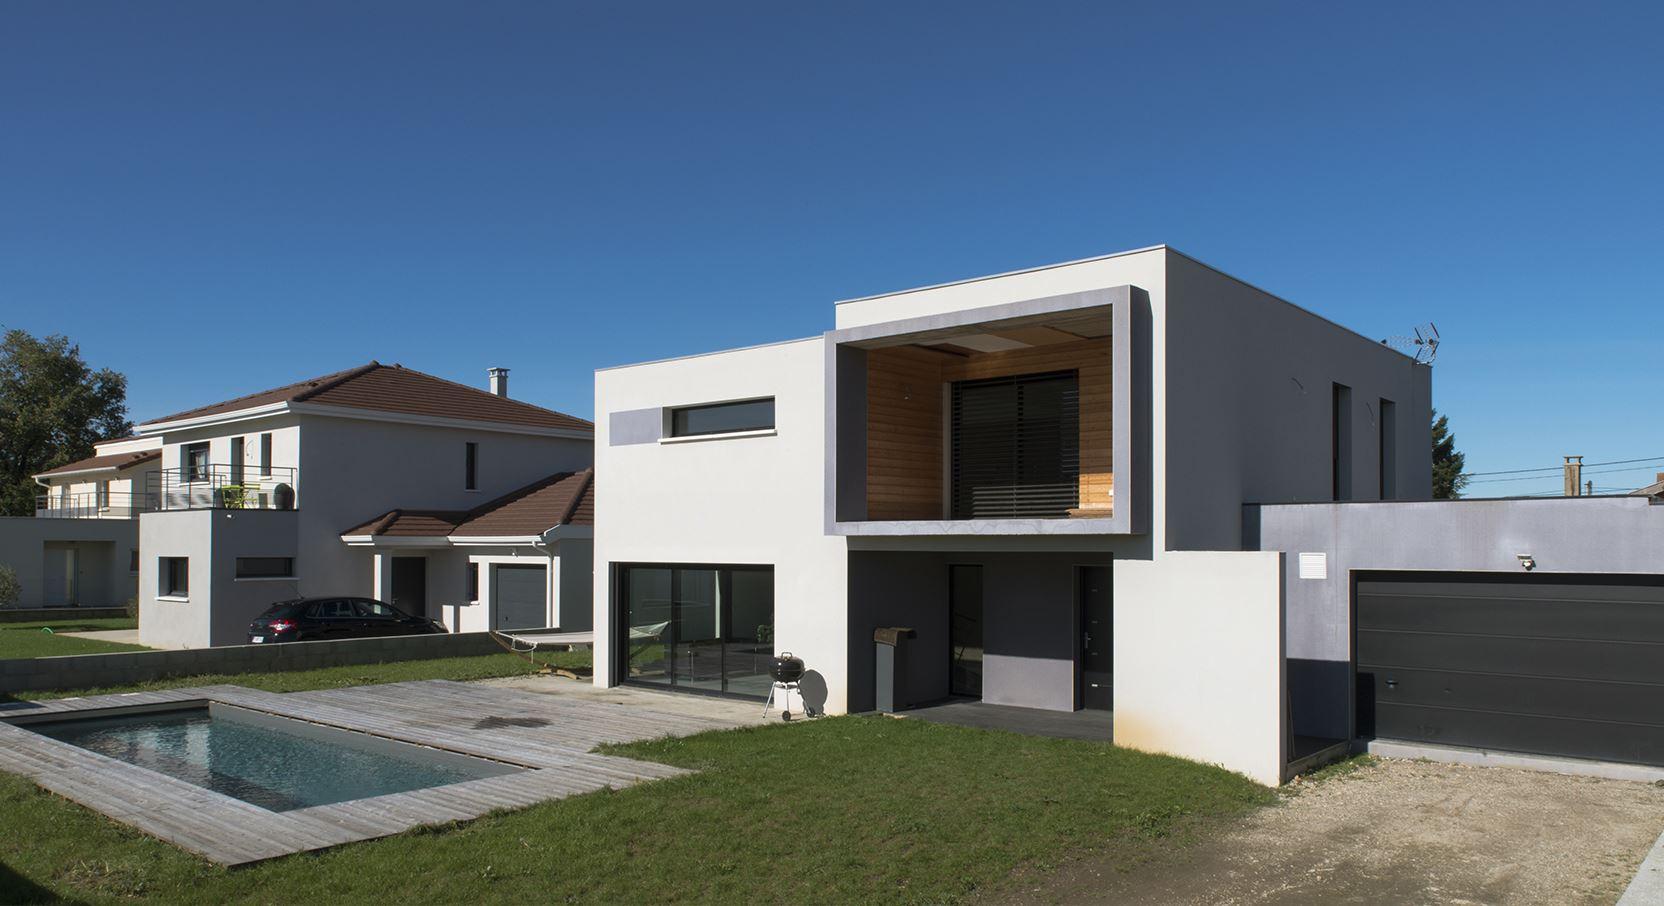 Maison contemporaine architecte - Maison François Fabie